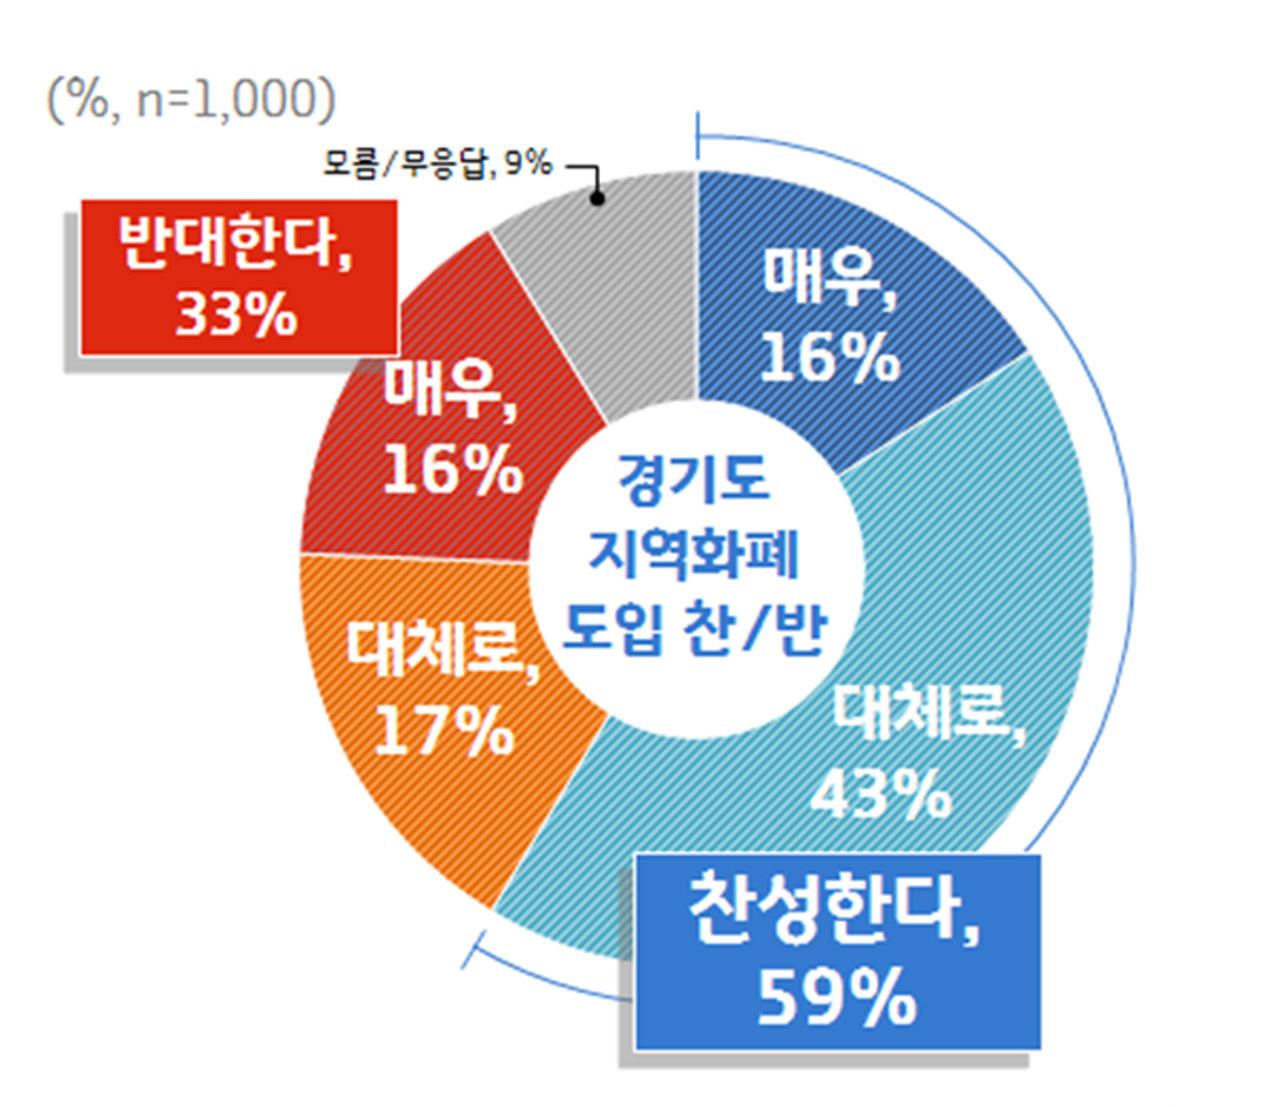 경기도 '지역화폐' 도입 찬반 현황 갈무리